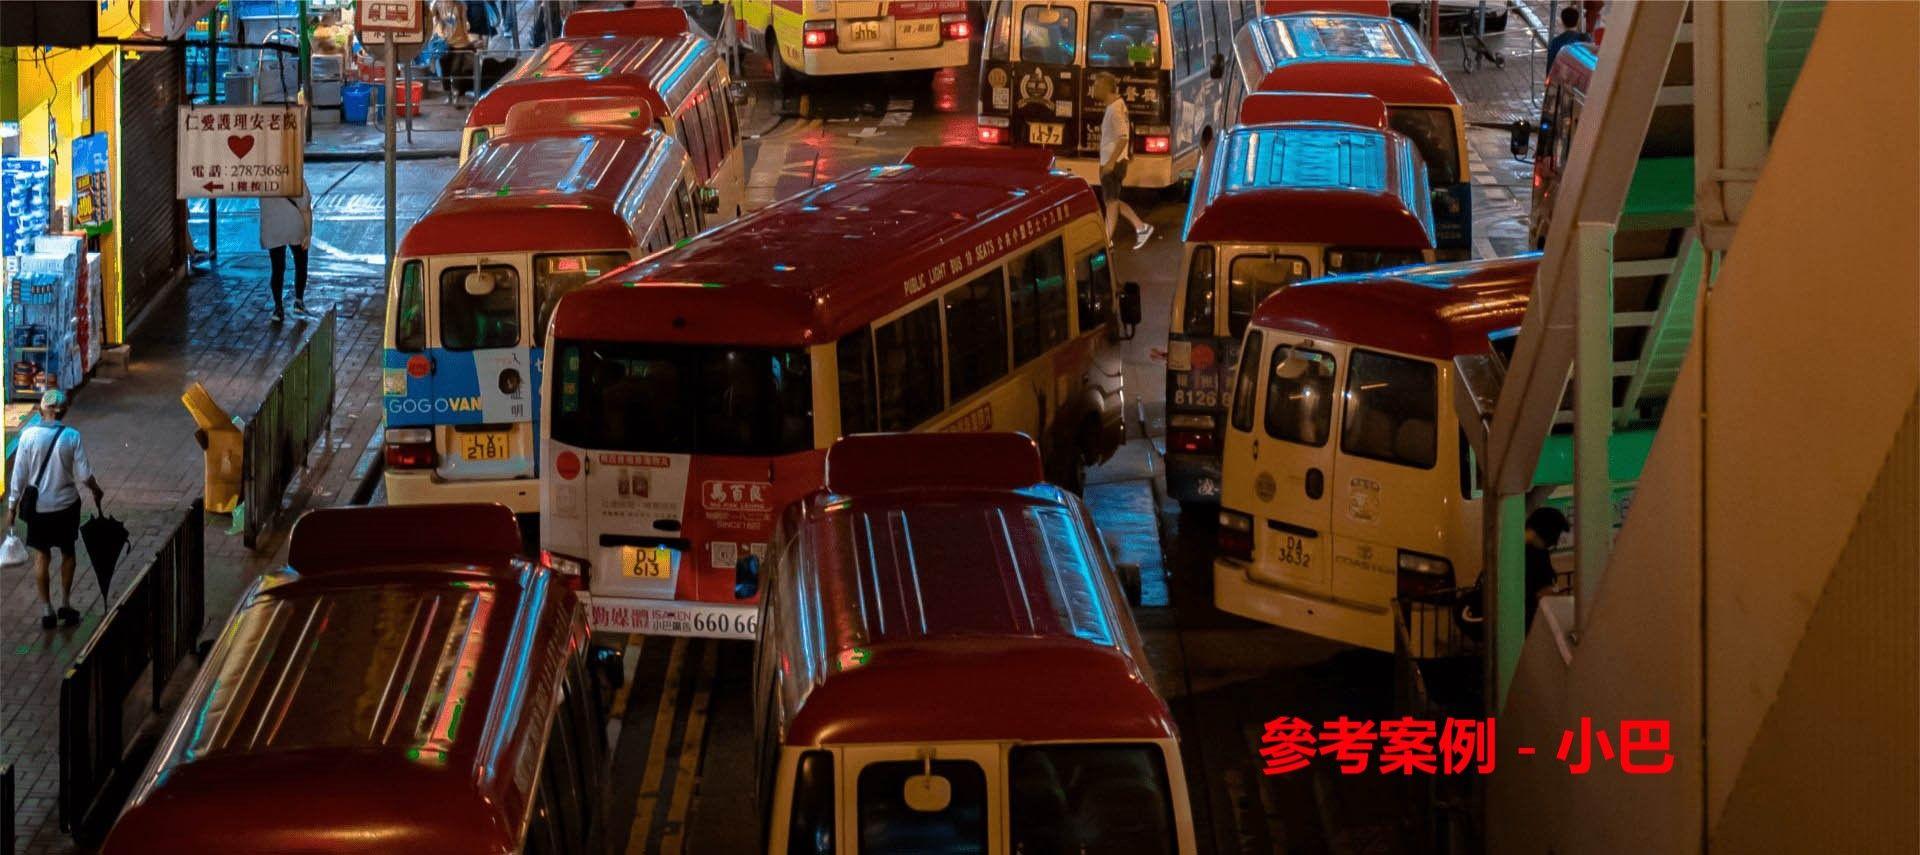 mini-bus-case-studies-background